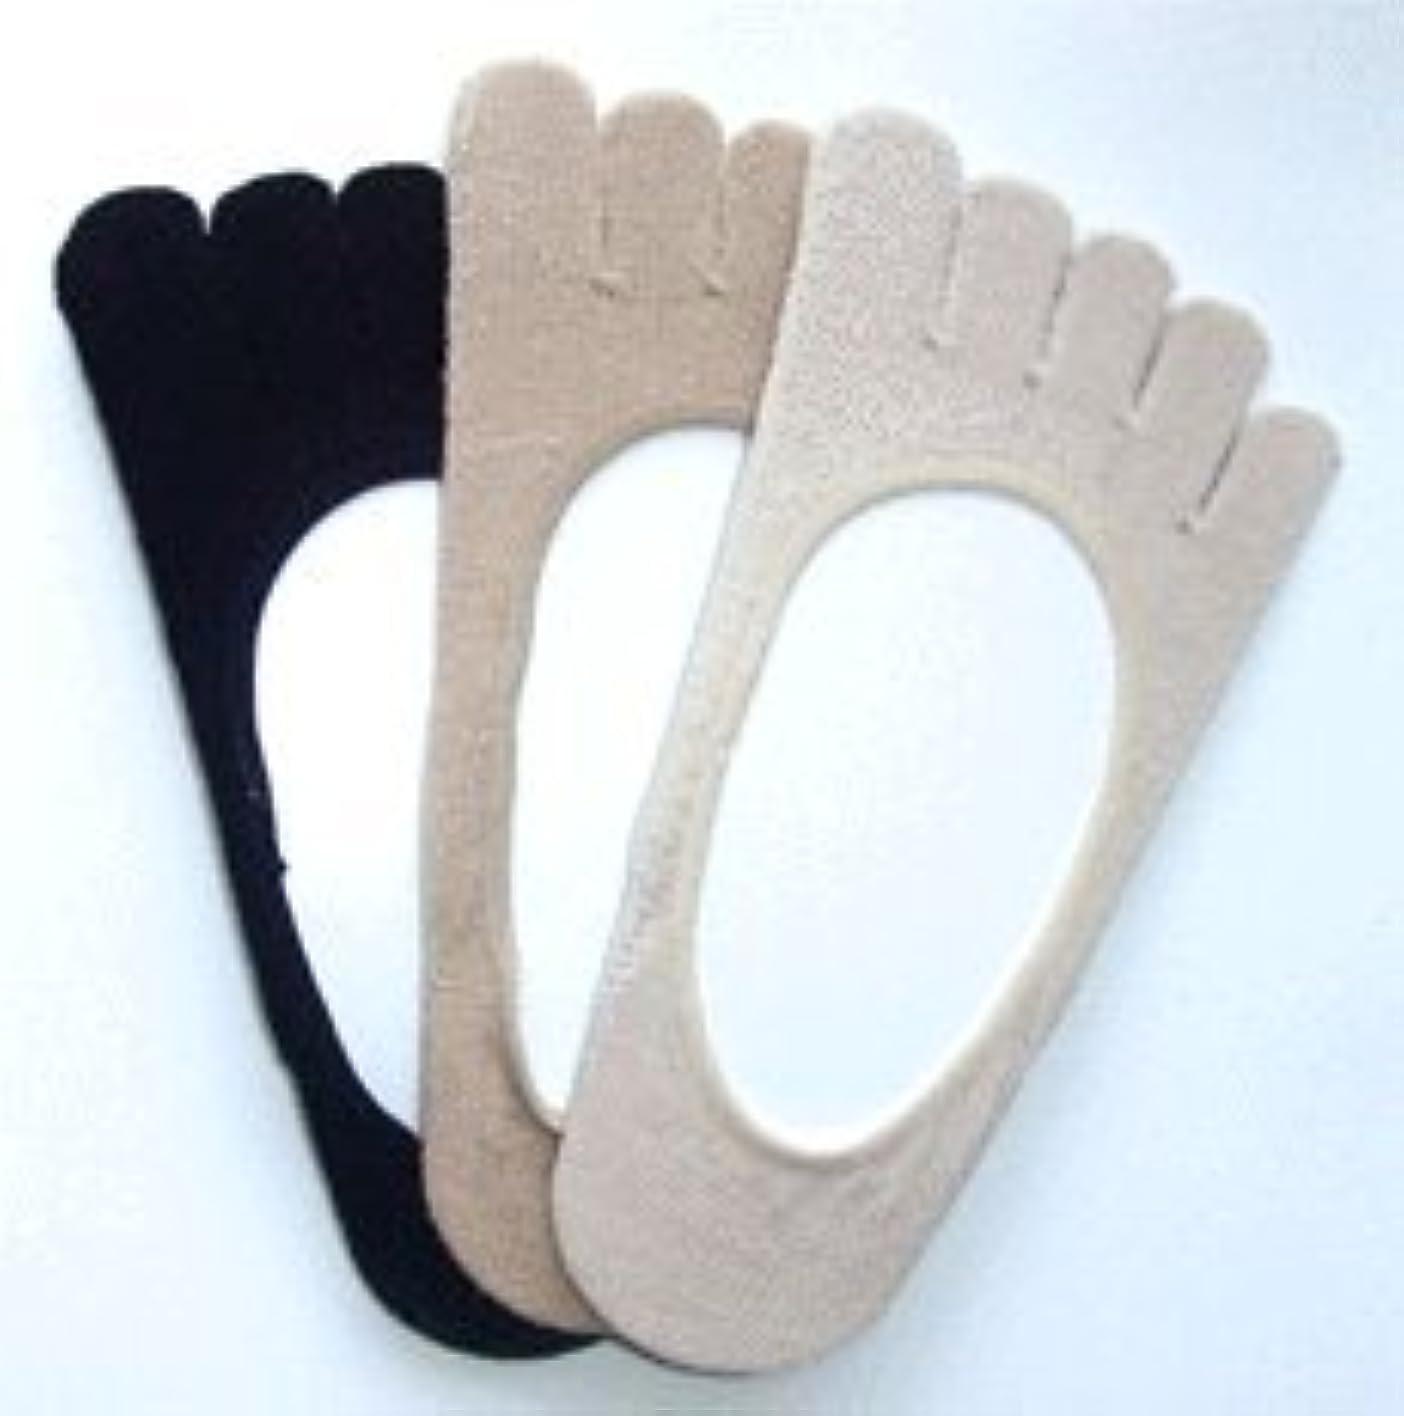 隔離する誘惑する肘掛け椅子日本製 シルク五本指 フットカバー パンプスインソックス 3足組(ベージュ系2足、黒色1足)